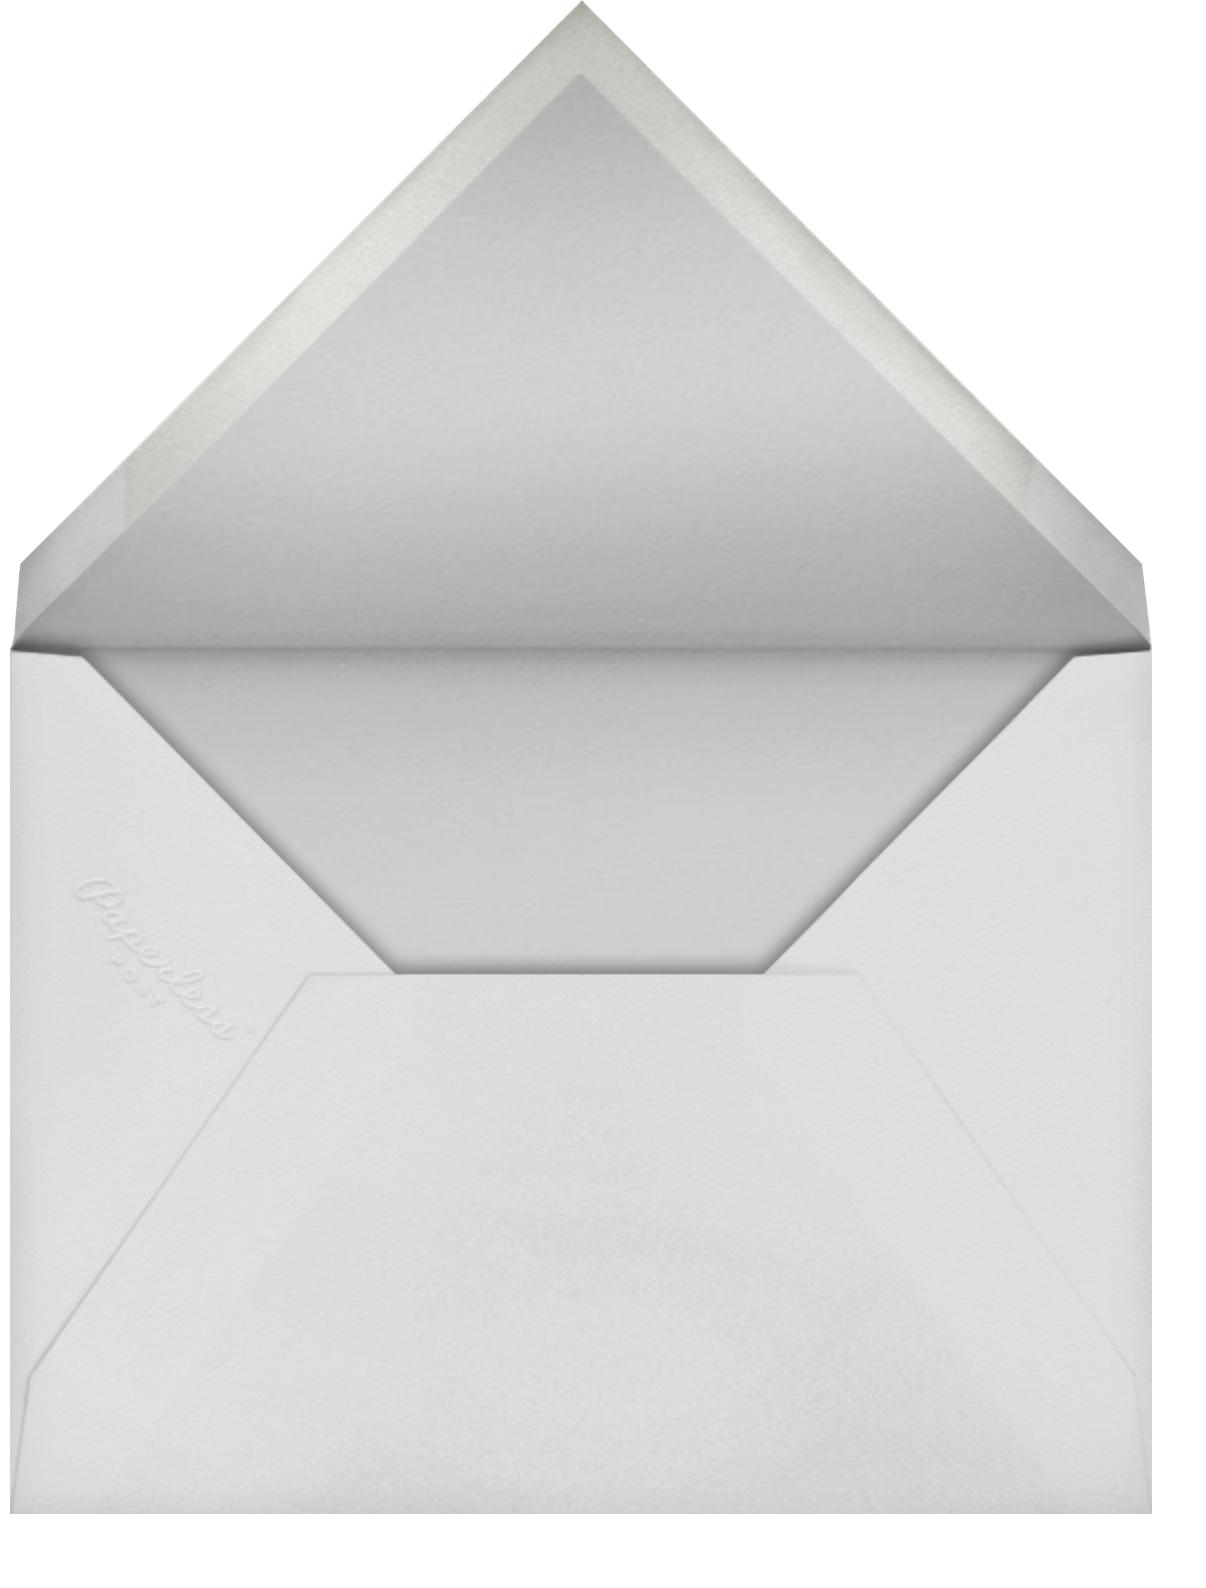 Fleurs d'Alençon (Invitation) - White - Oscar de la Renta - Envelope